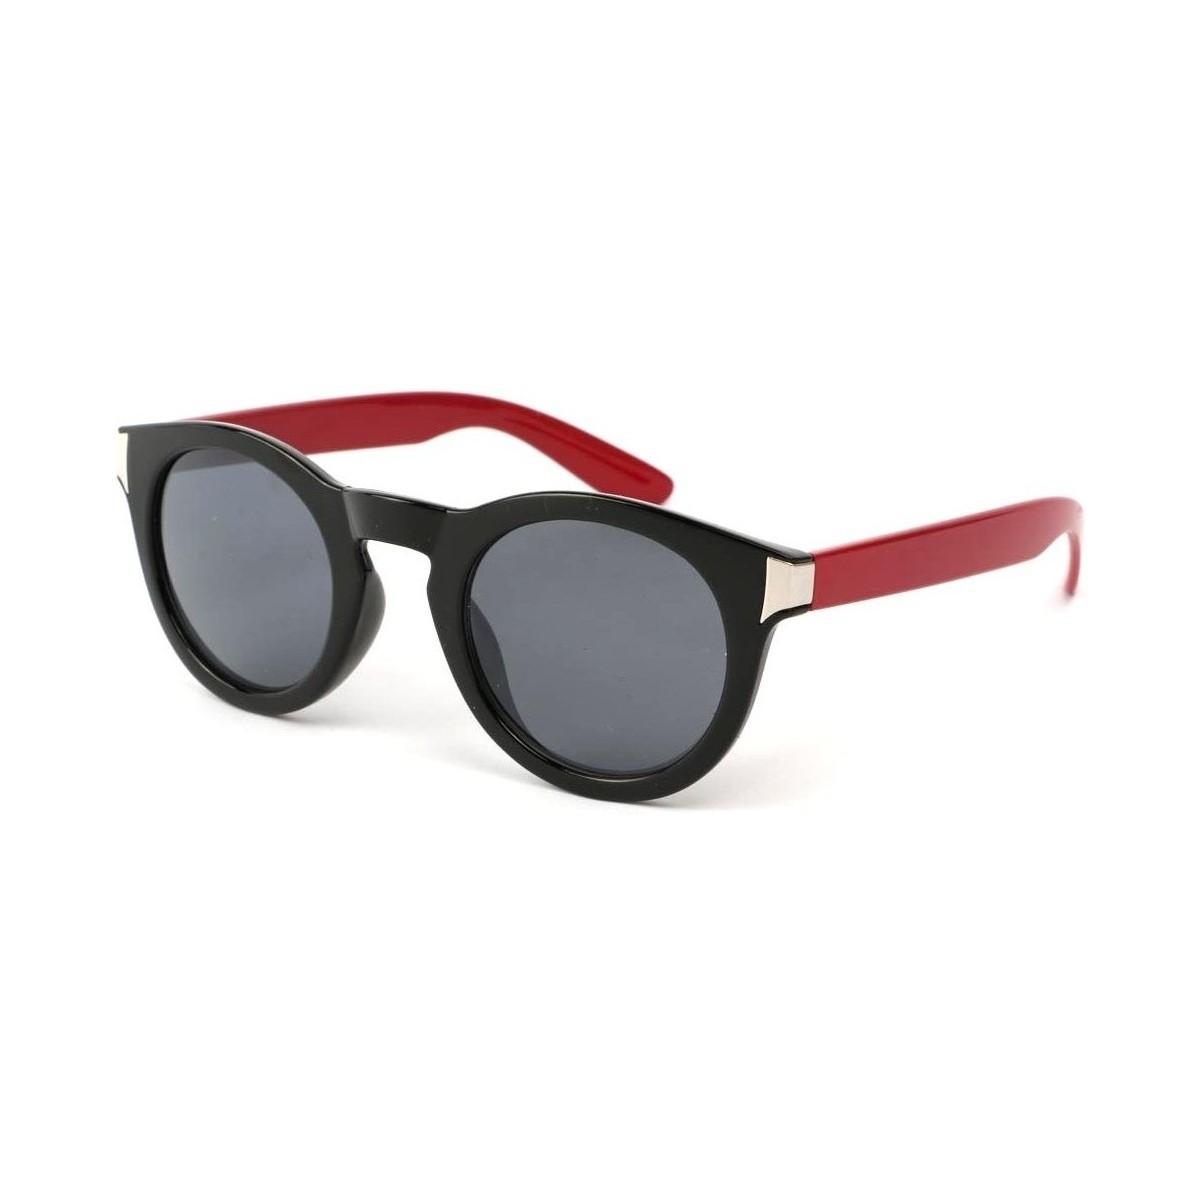 Eye Wear Lunettes Soleil Really avec monture Noire et Rouge Noir